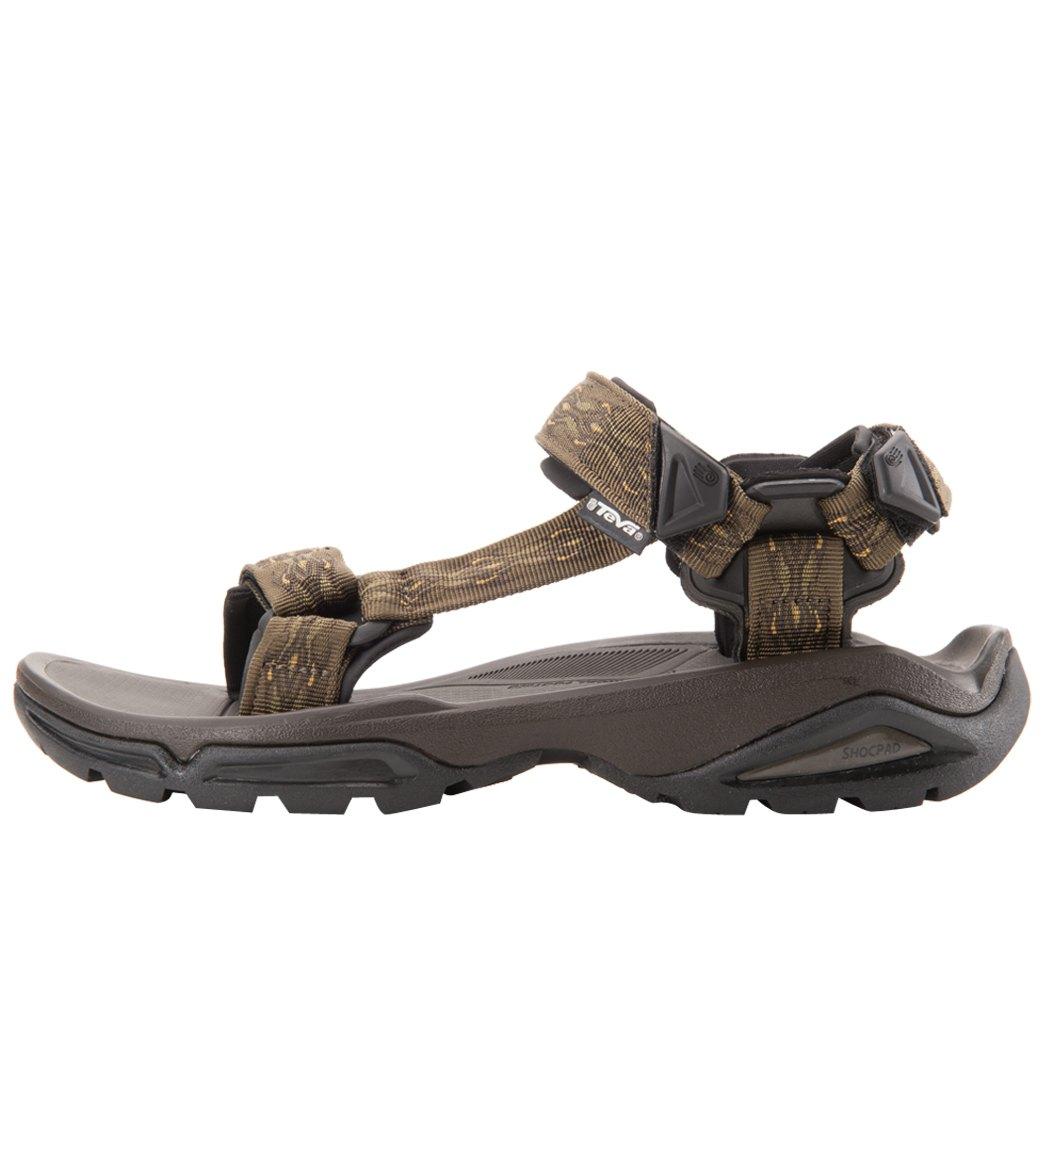 2f9265edd Teva Men s Terra Fi 4 Sandal at SwimOutlet.com - Free Shipping